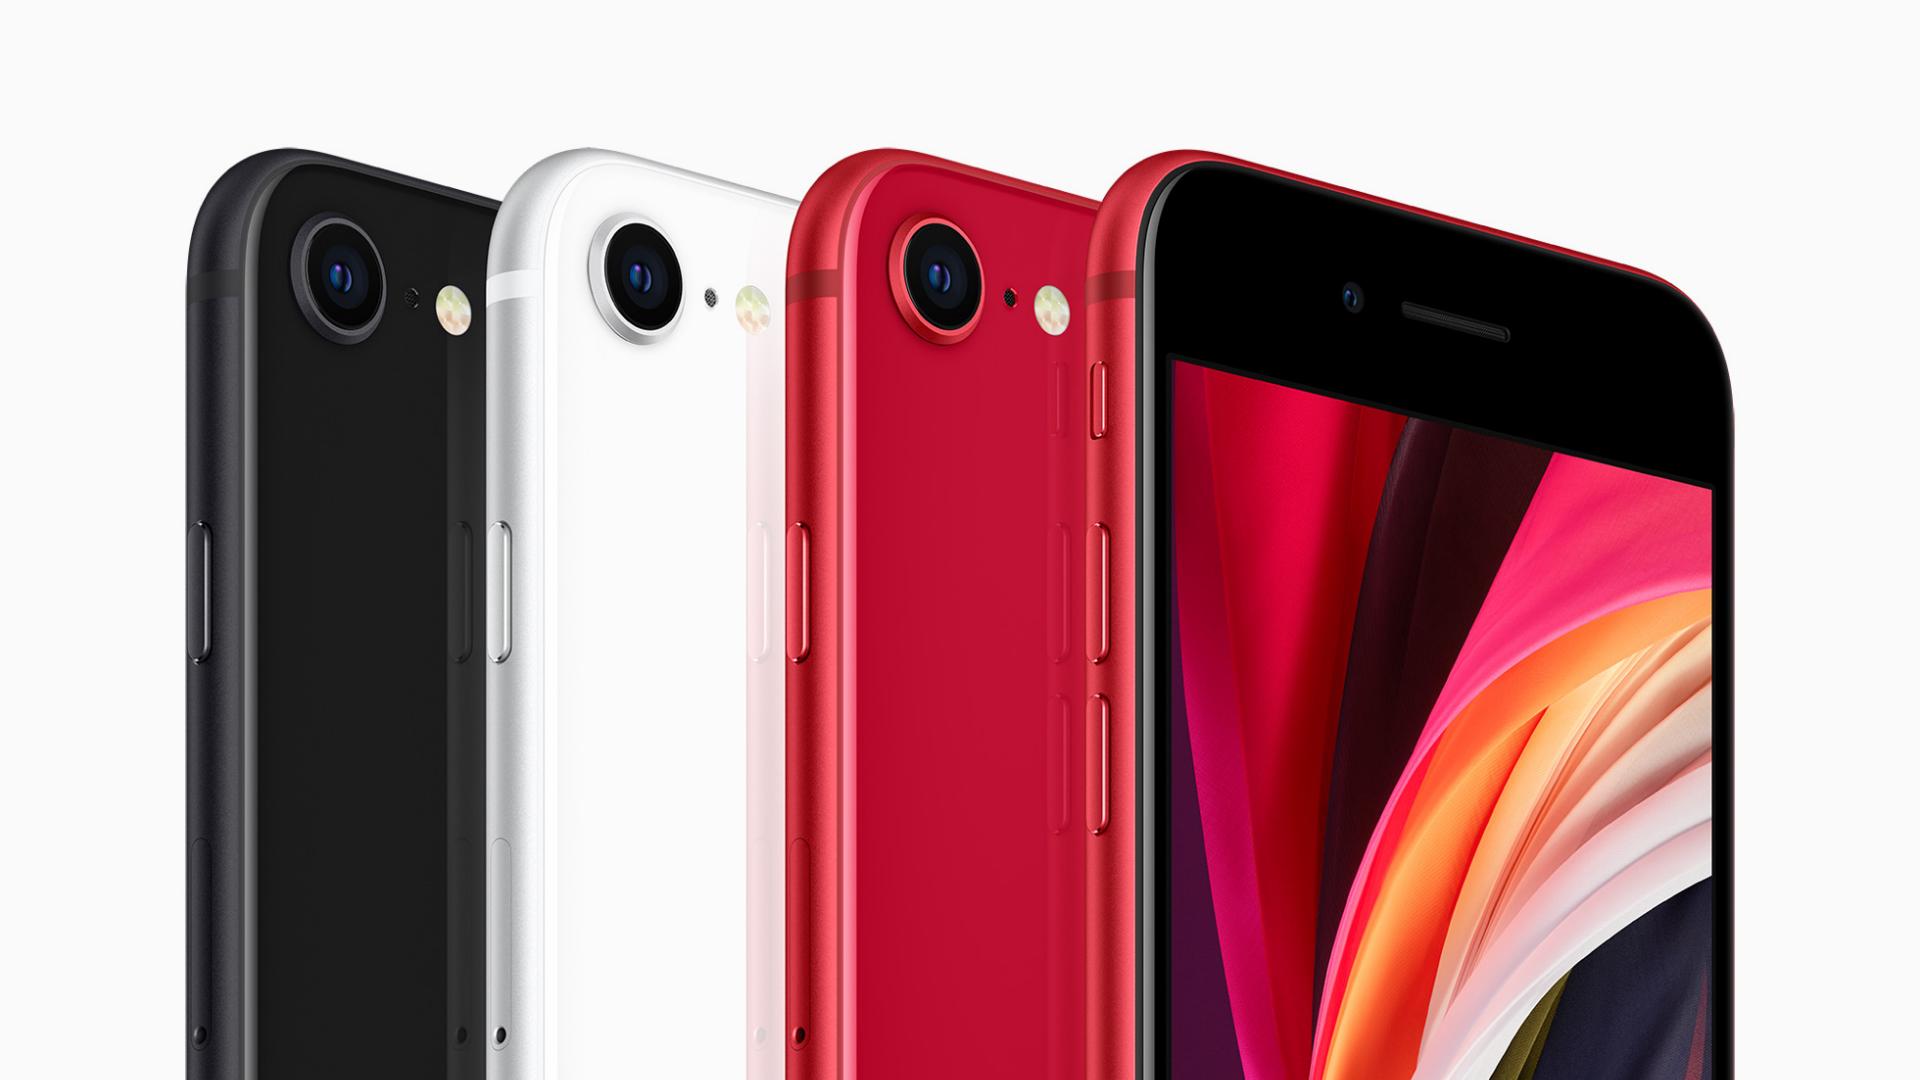 新しいiPhone SE (第2世代)は3色展開(黒、白、赤)